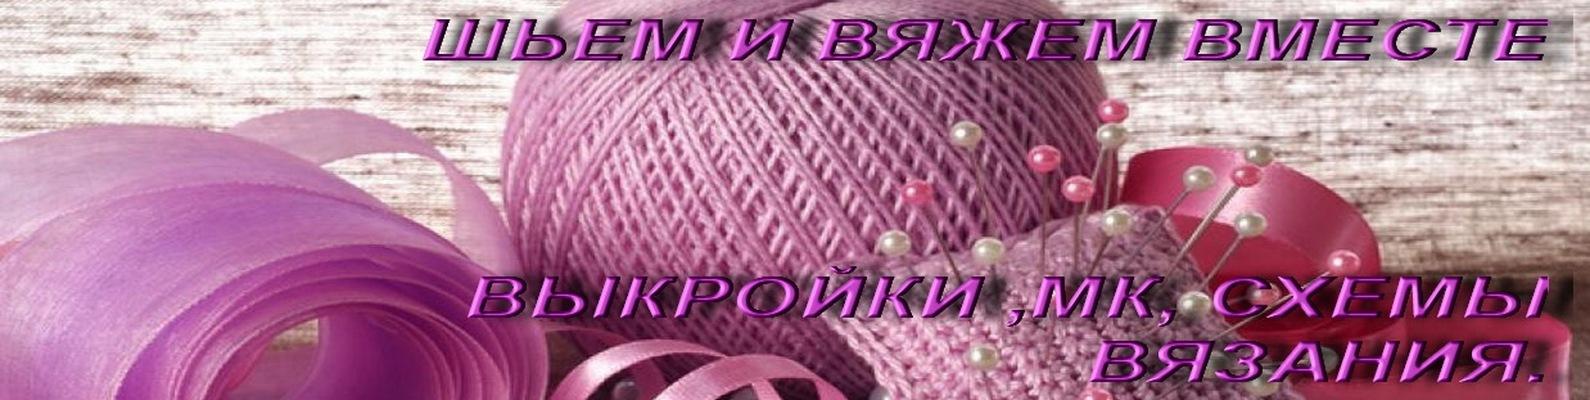 шьем и вяжем вместе вконтакте